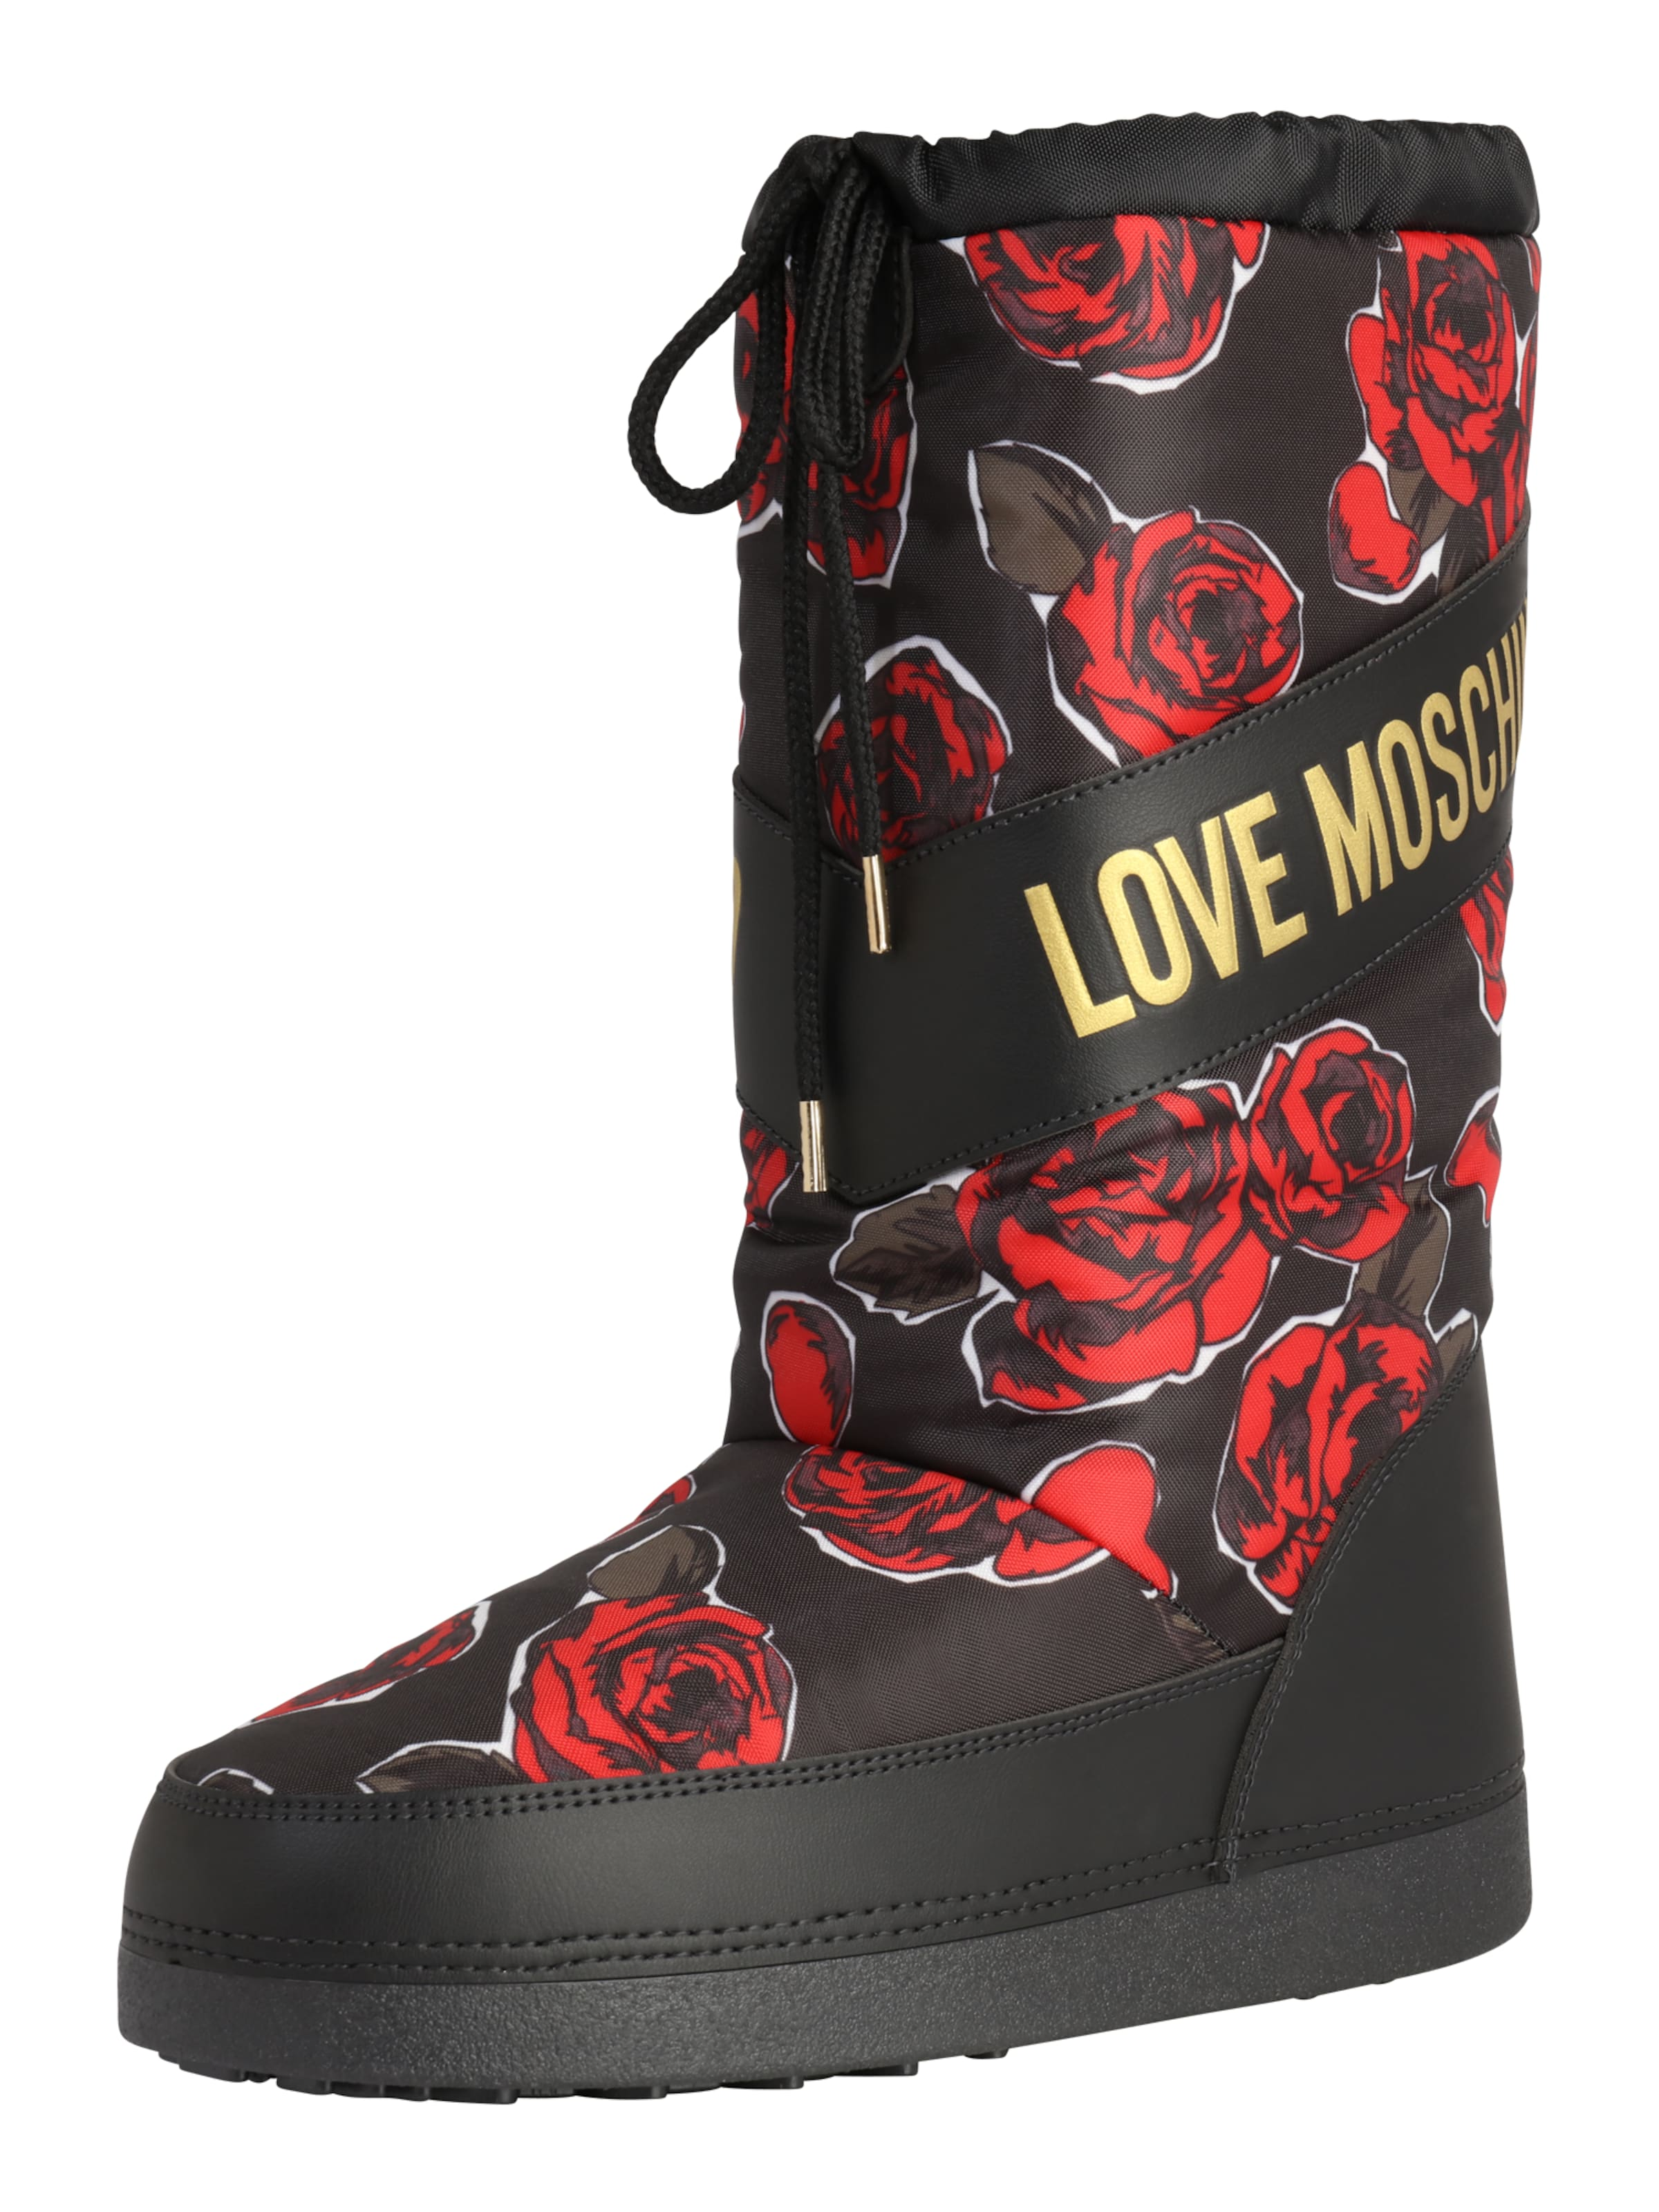 Love Moschino | Snowboots 'SKI FLOWER' Schuhe Schuhe Gut getragene Schuhe FLOWER' 3e09c0